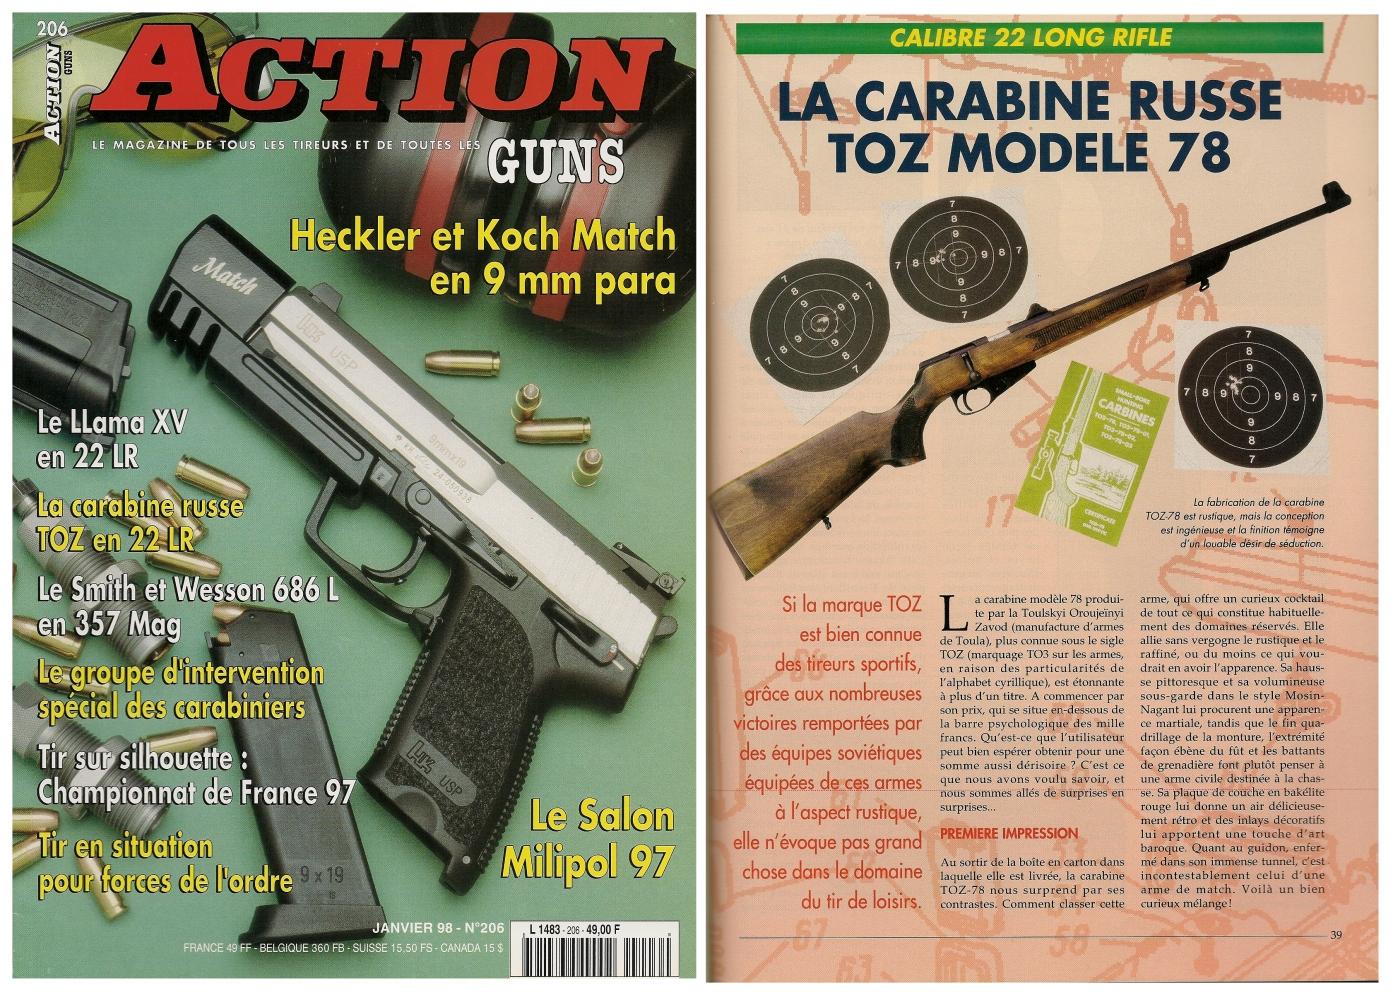 Le banc d'essai de la carabine russe TOZ 78 a été publié sur 5 pages dans le magazine Action Guns n° 206 (janvier 1998).